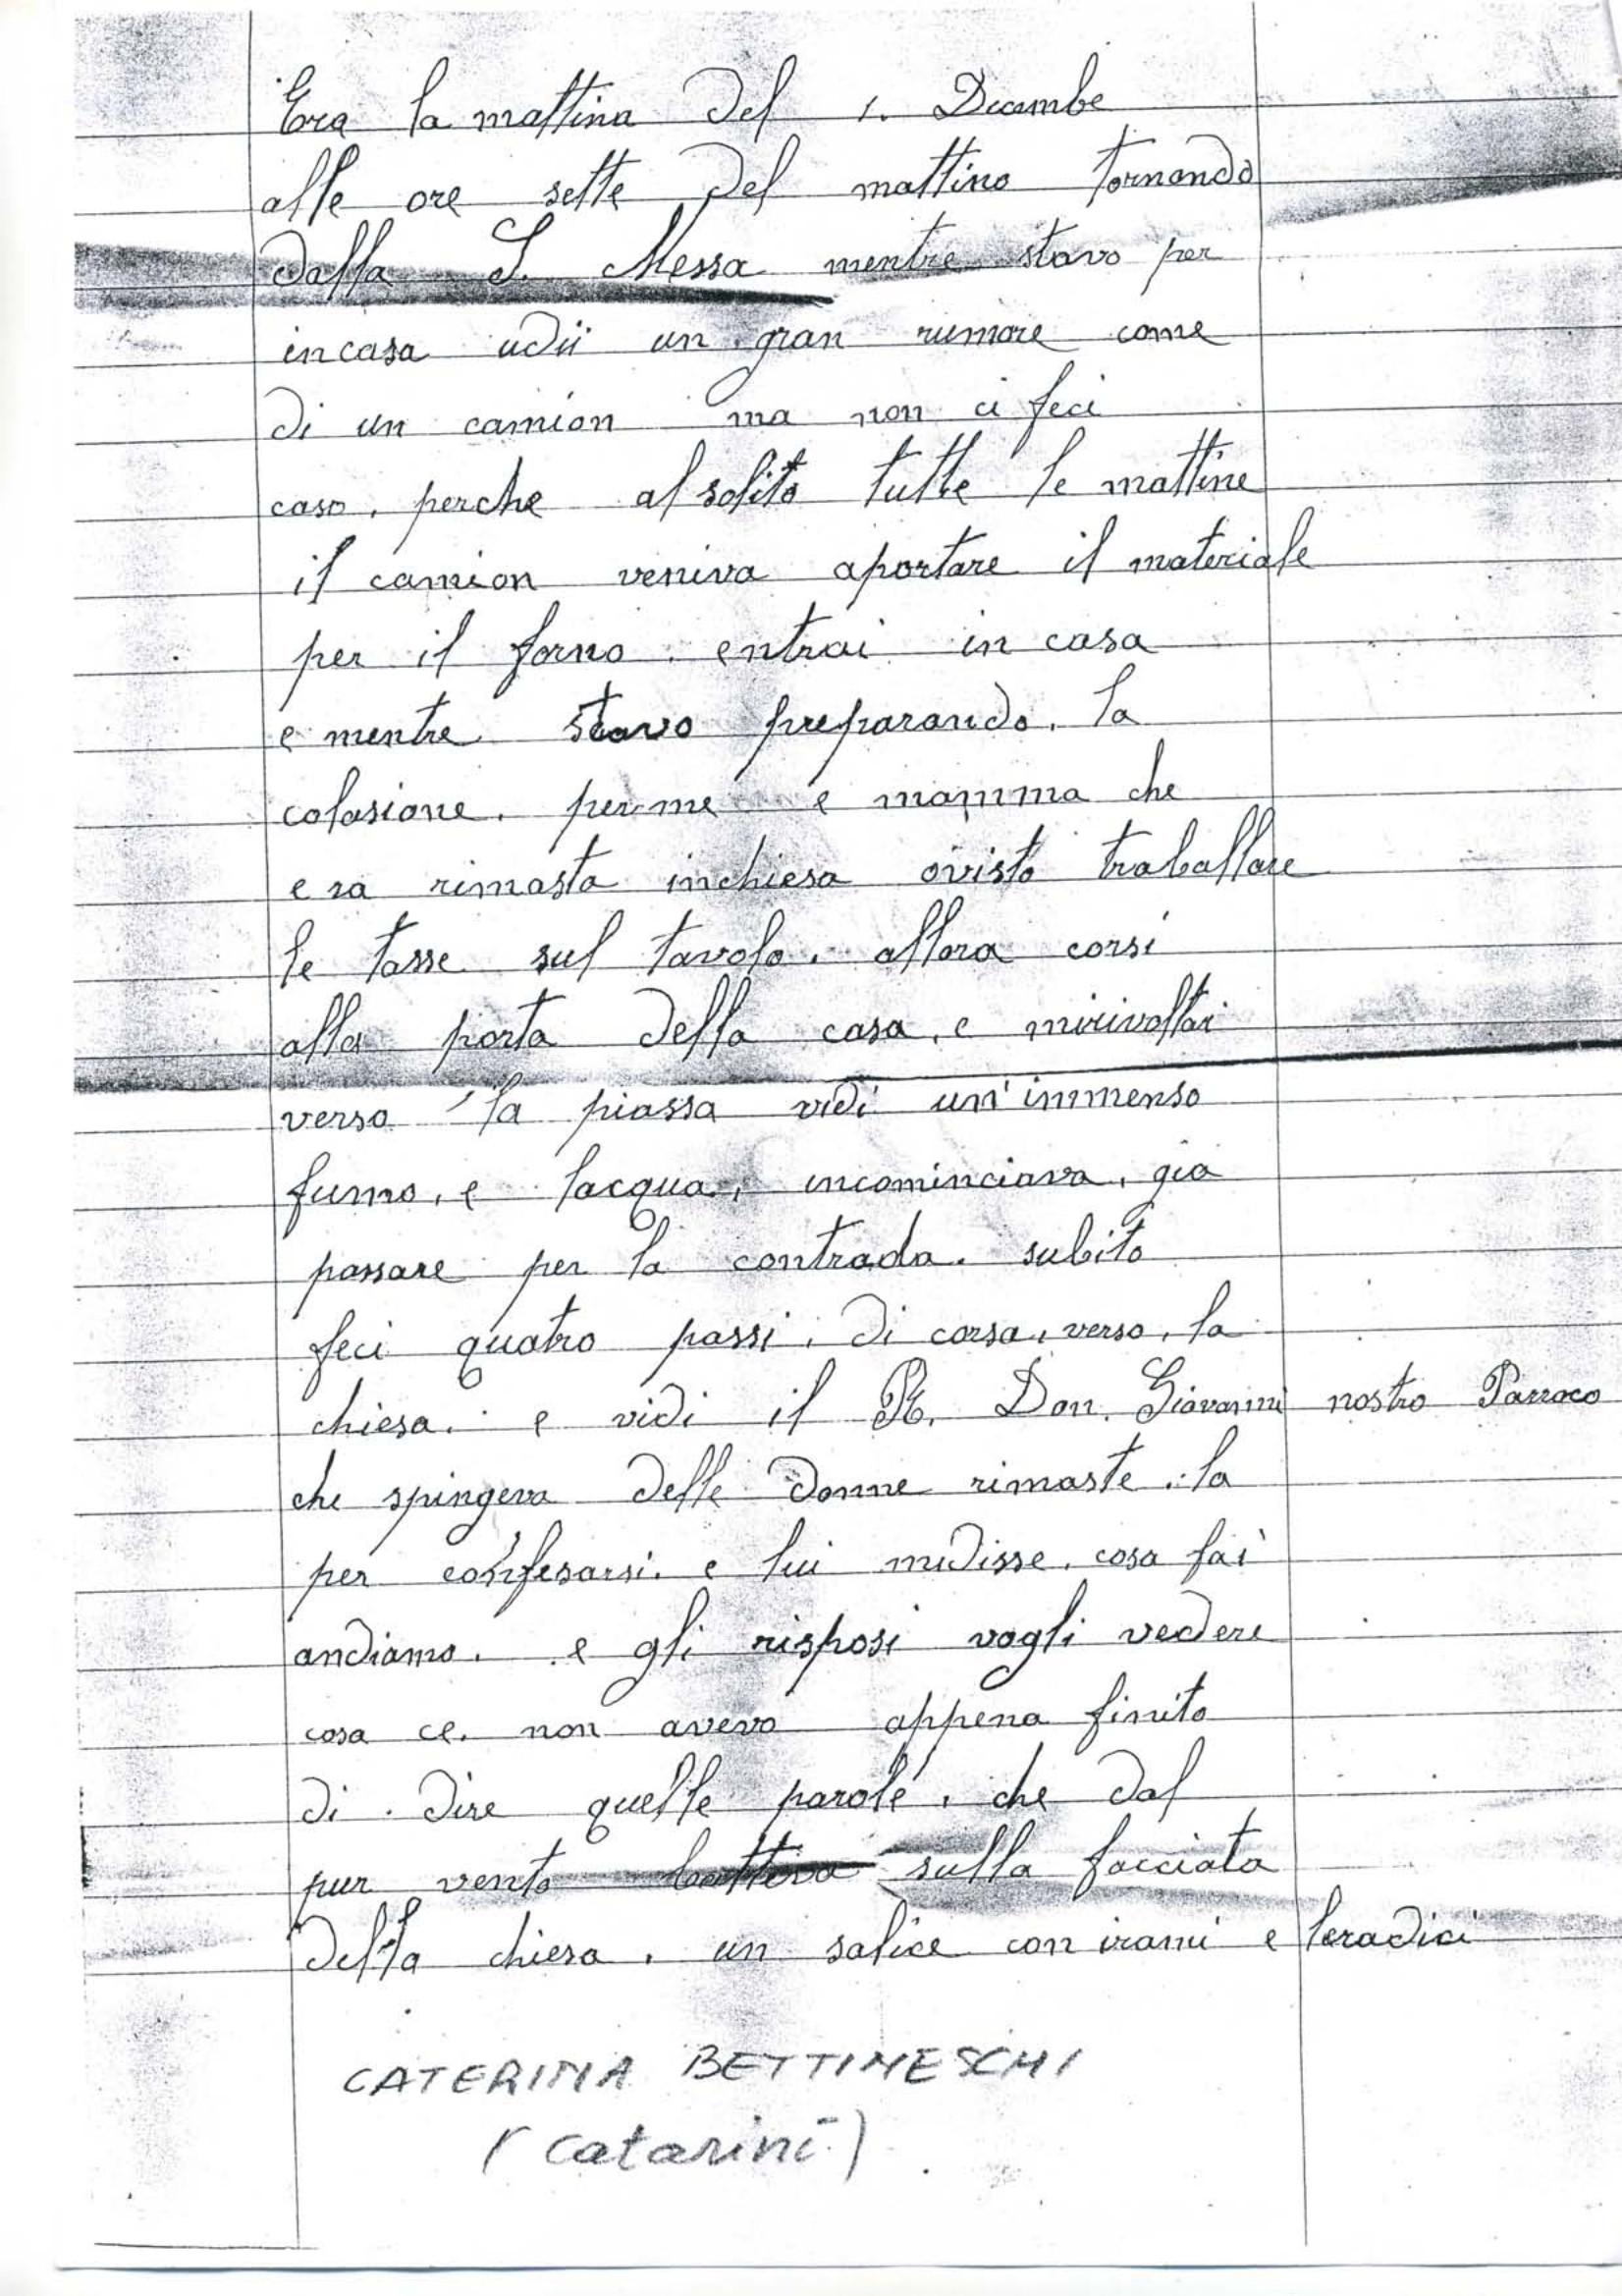 Lettera di Bettineschi Caterina_01